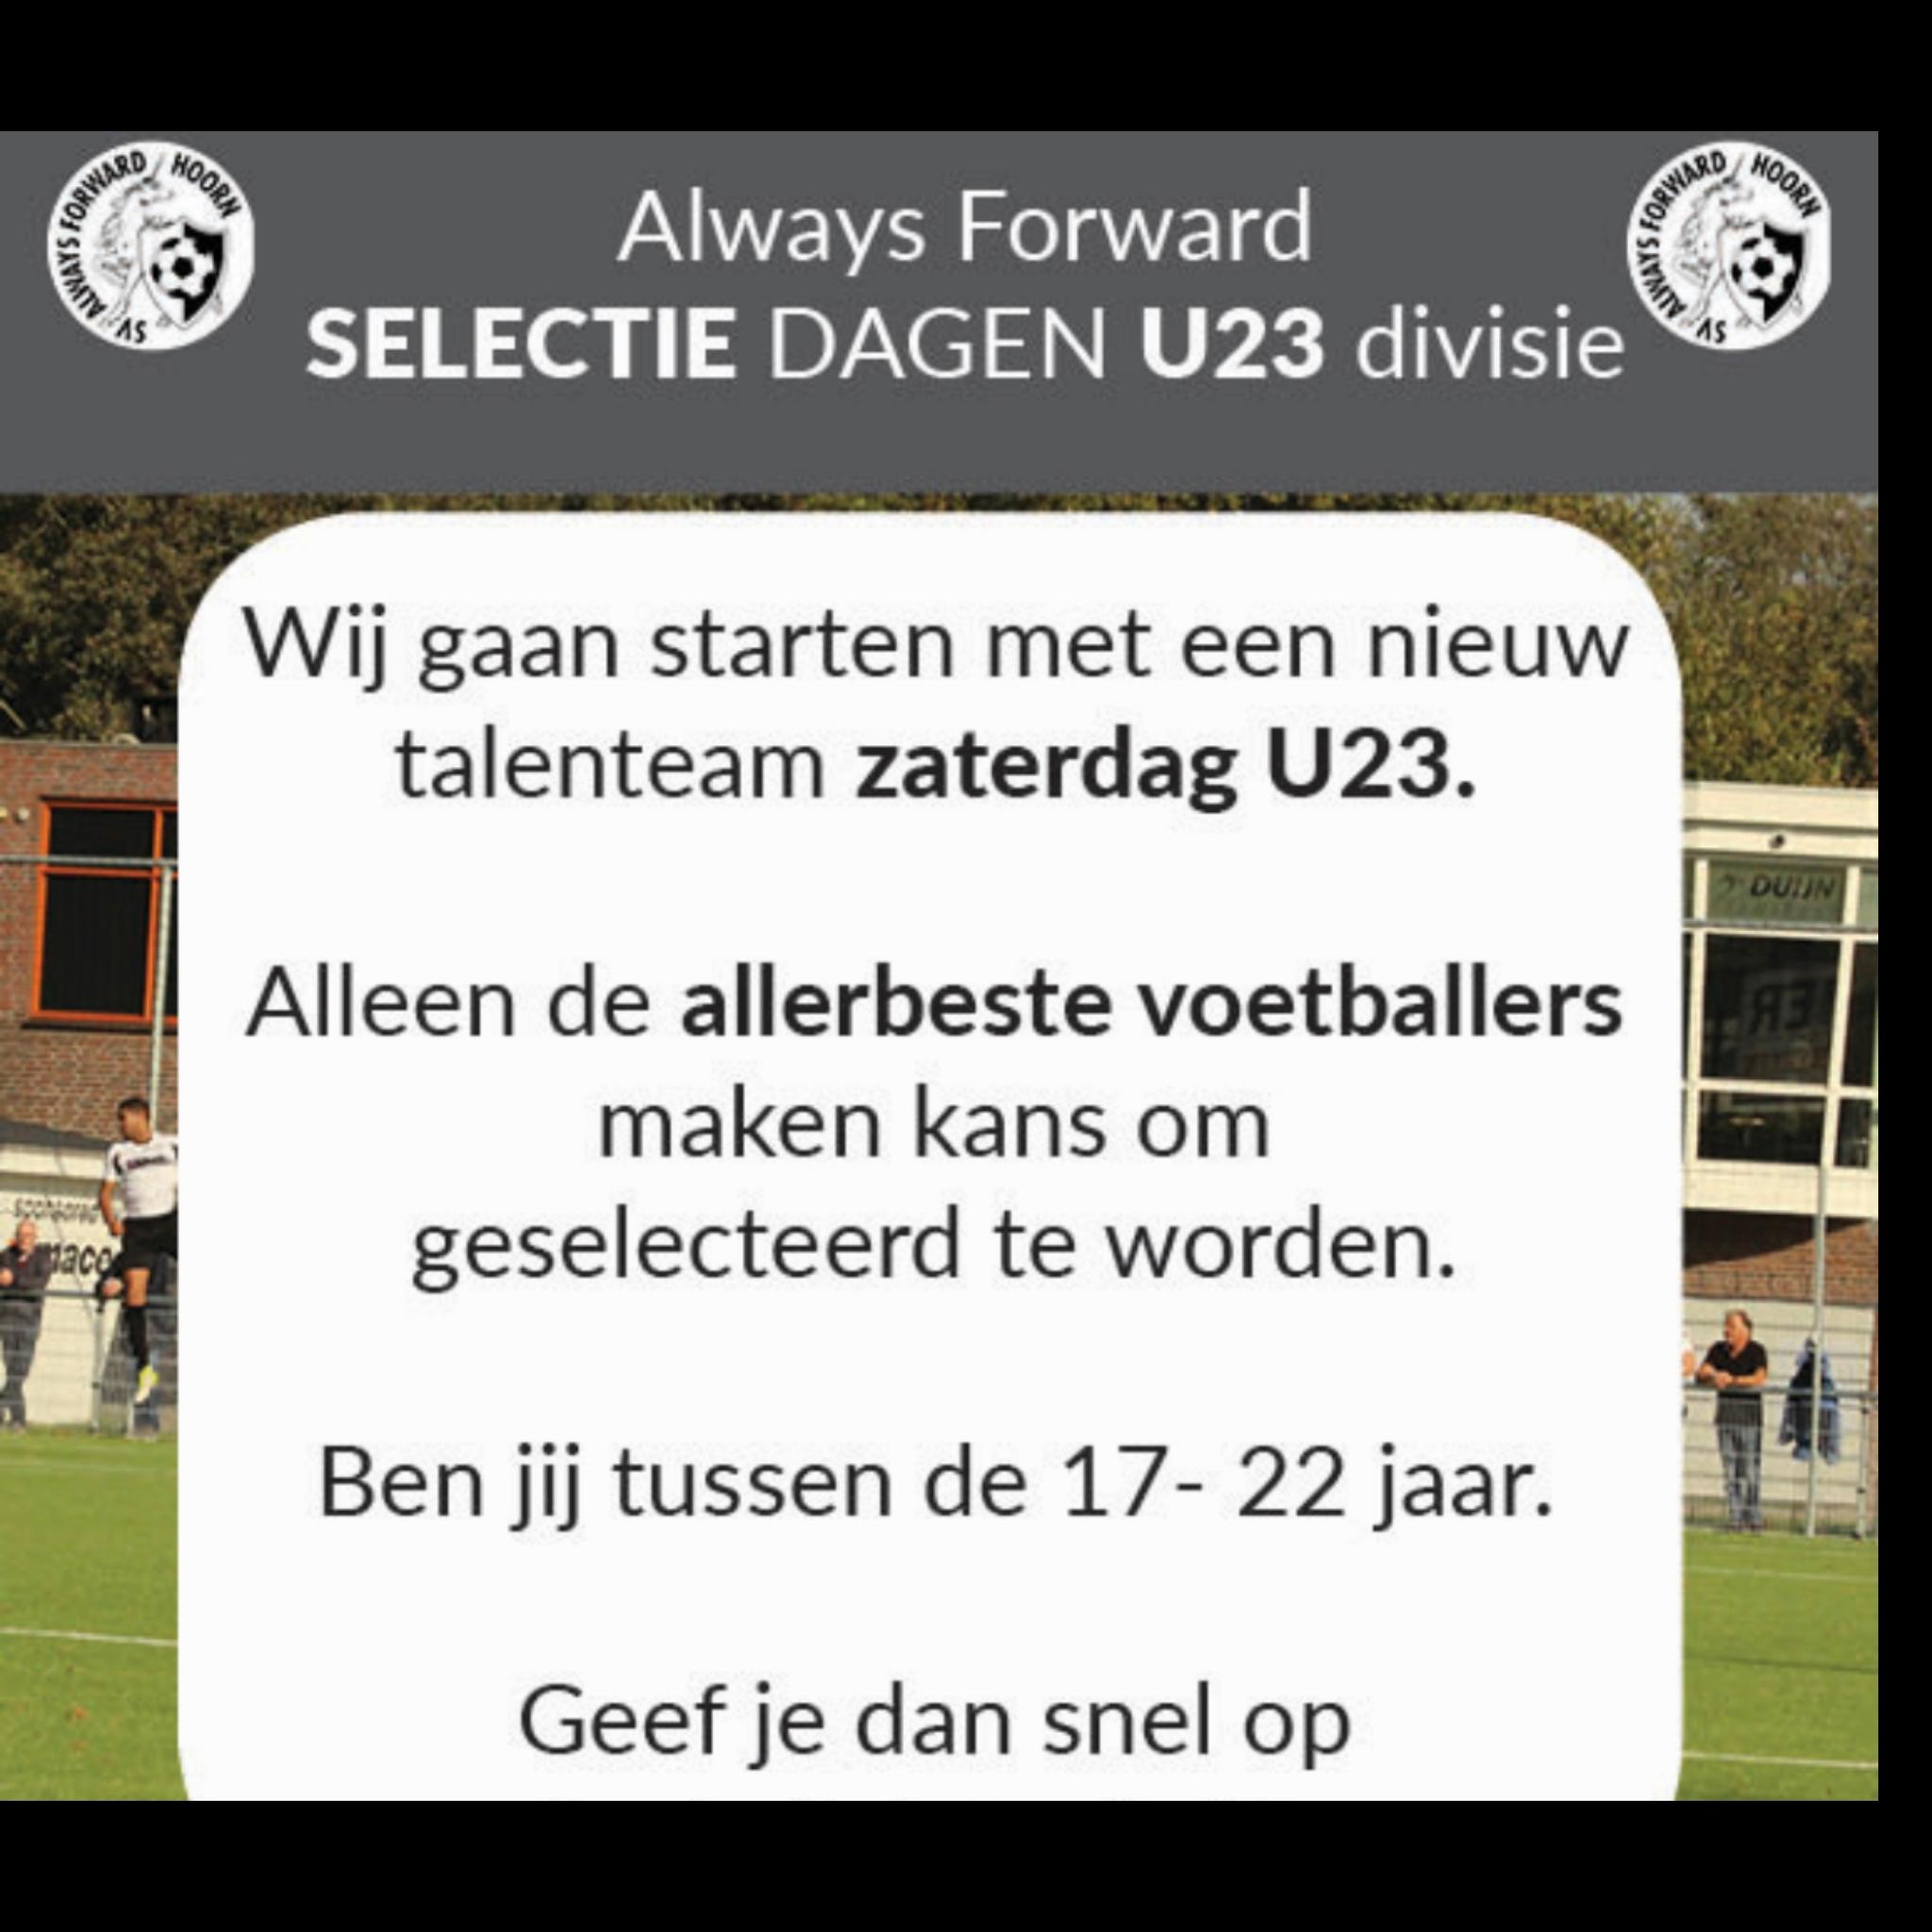 TalentTeam zaterdag U23